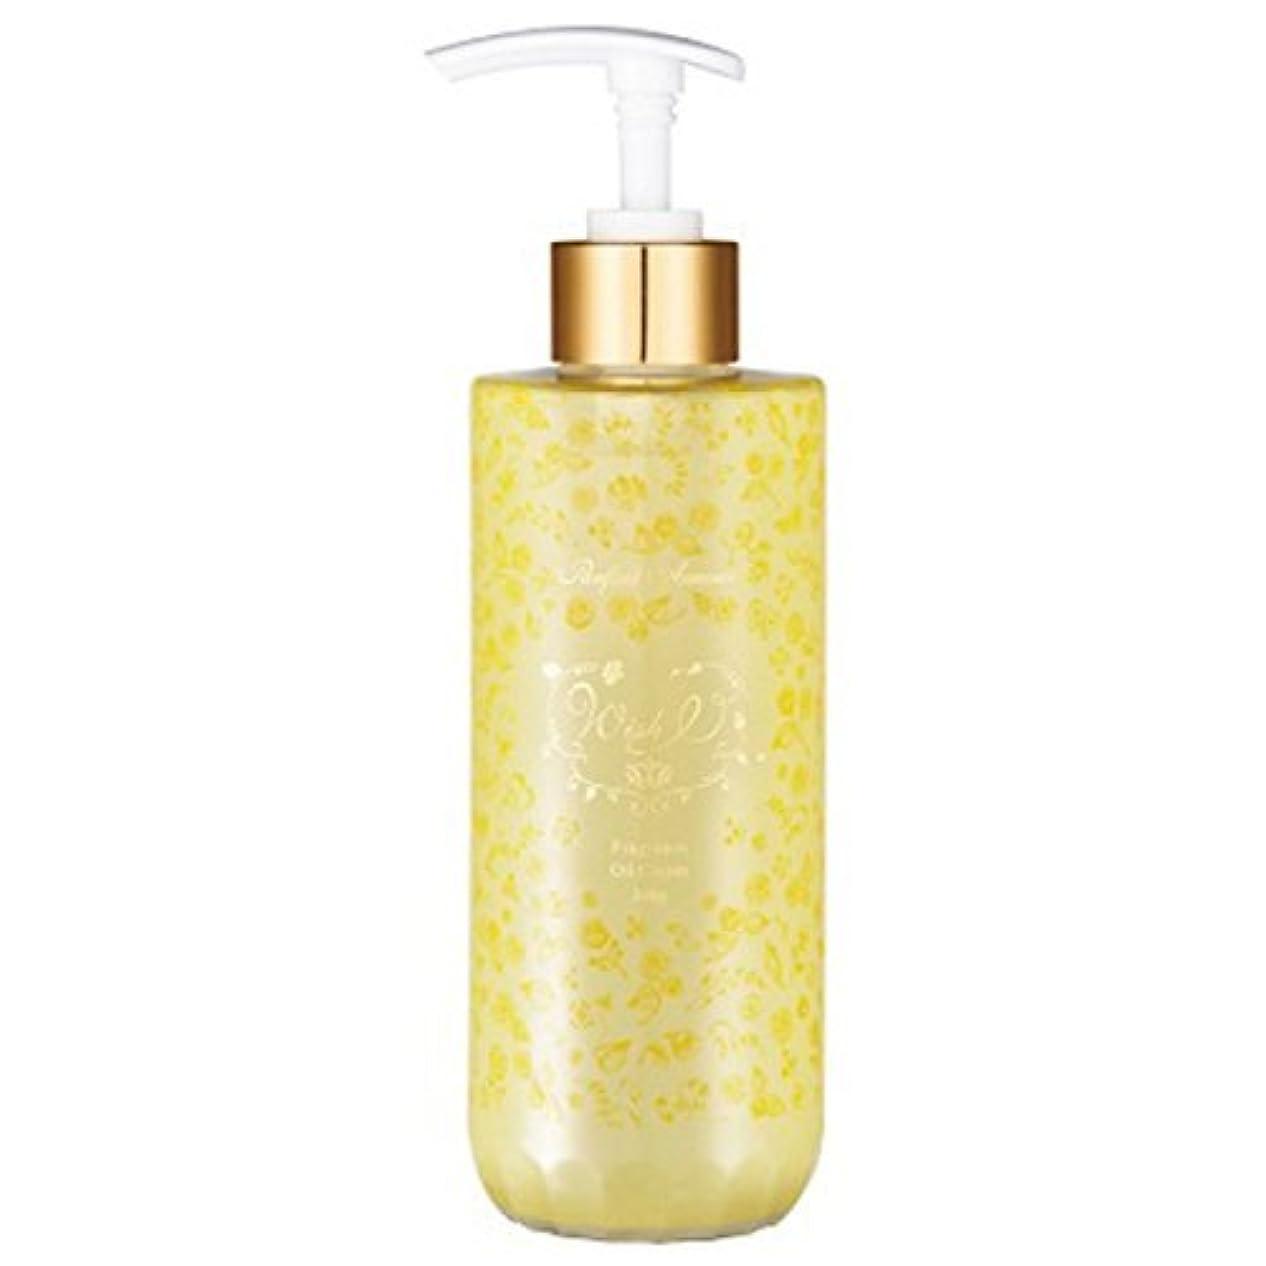 悪性縫う平均パルフェタムール ウィッシュアイ フレグランスオイルクリーム 愛しさあふれるダマスクローズの香り 300g